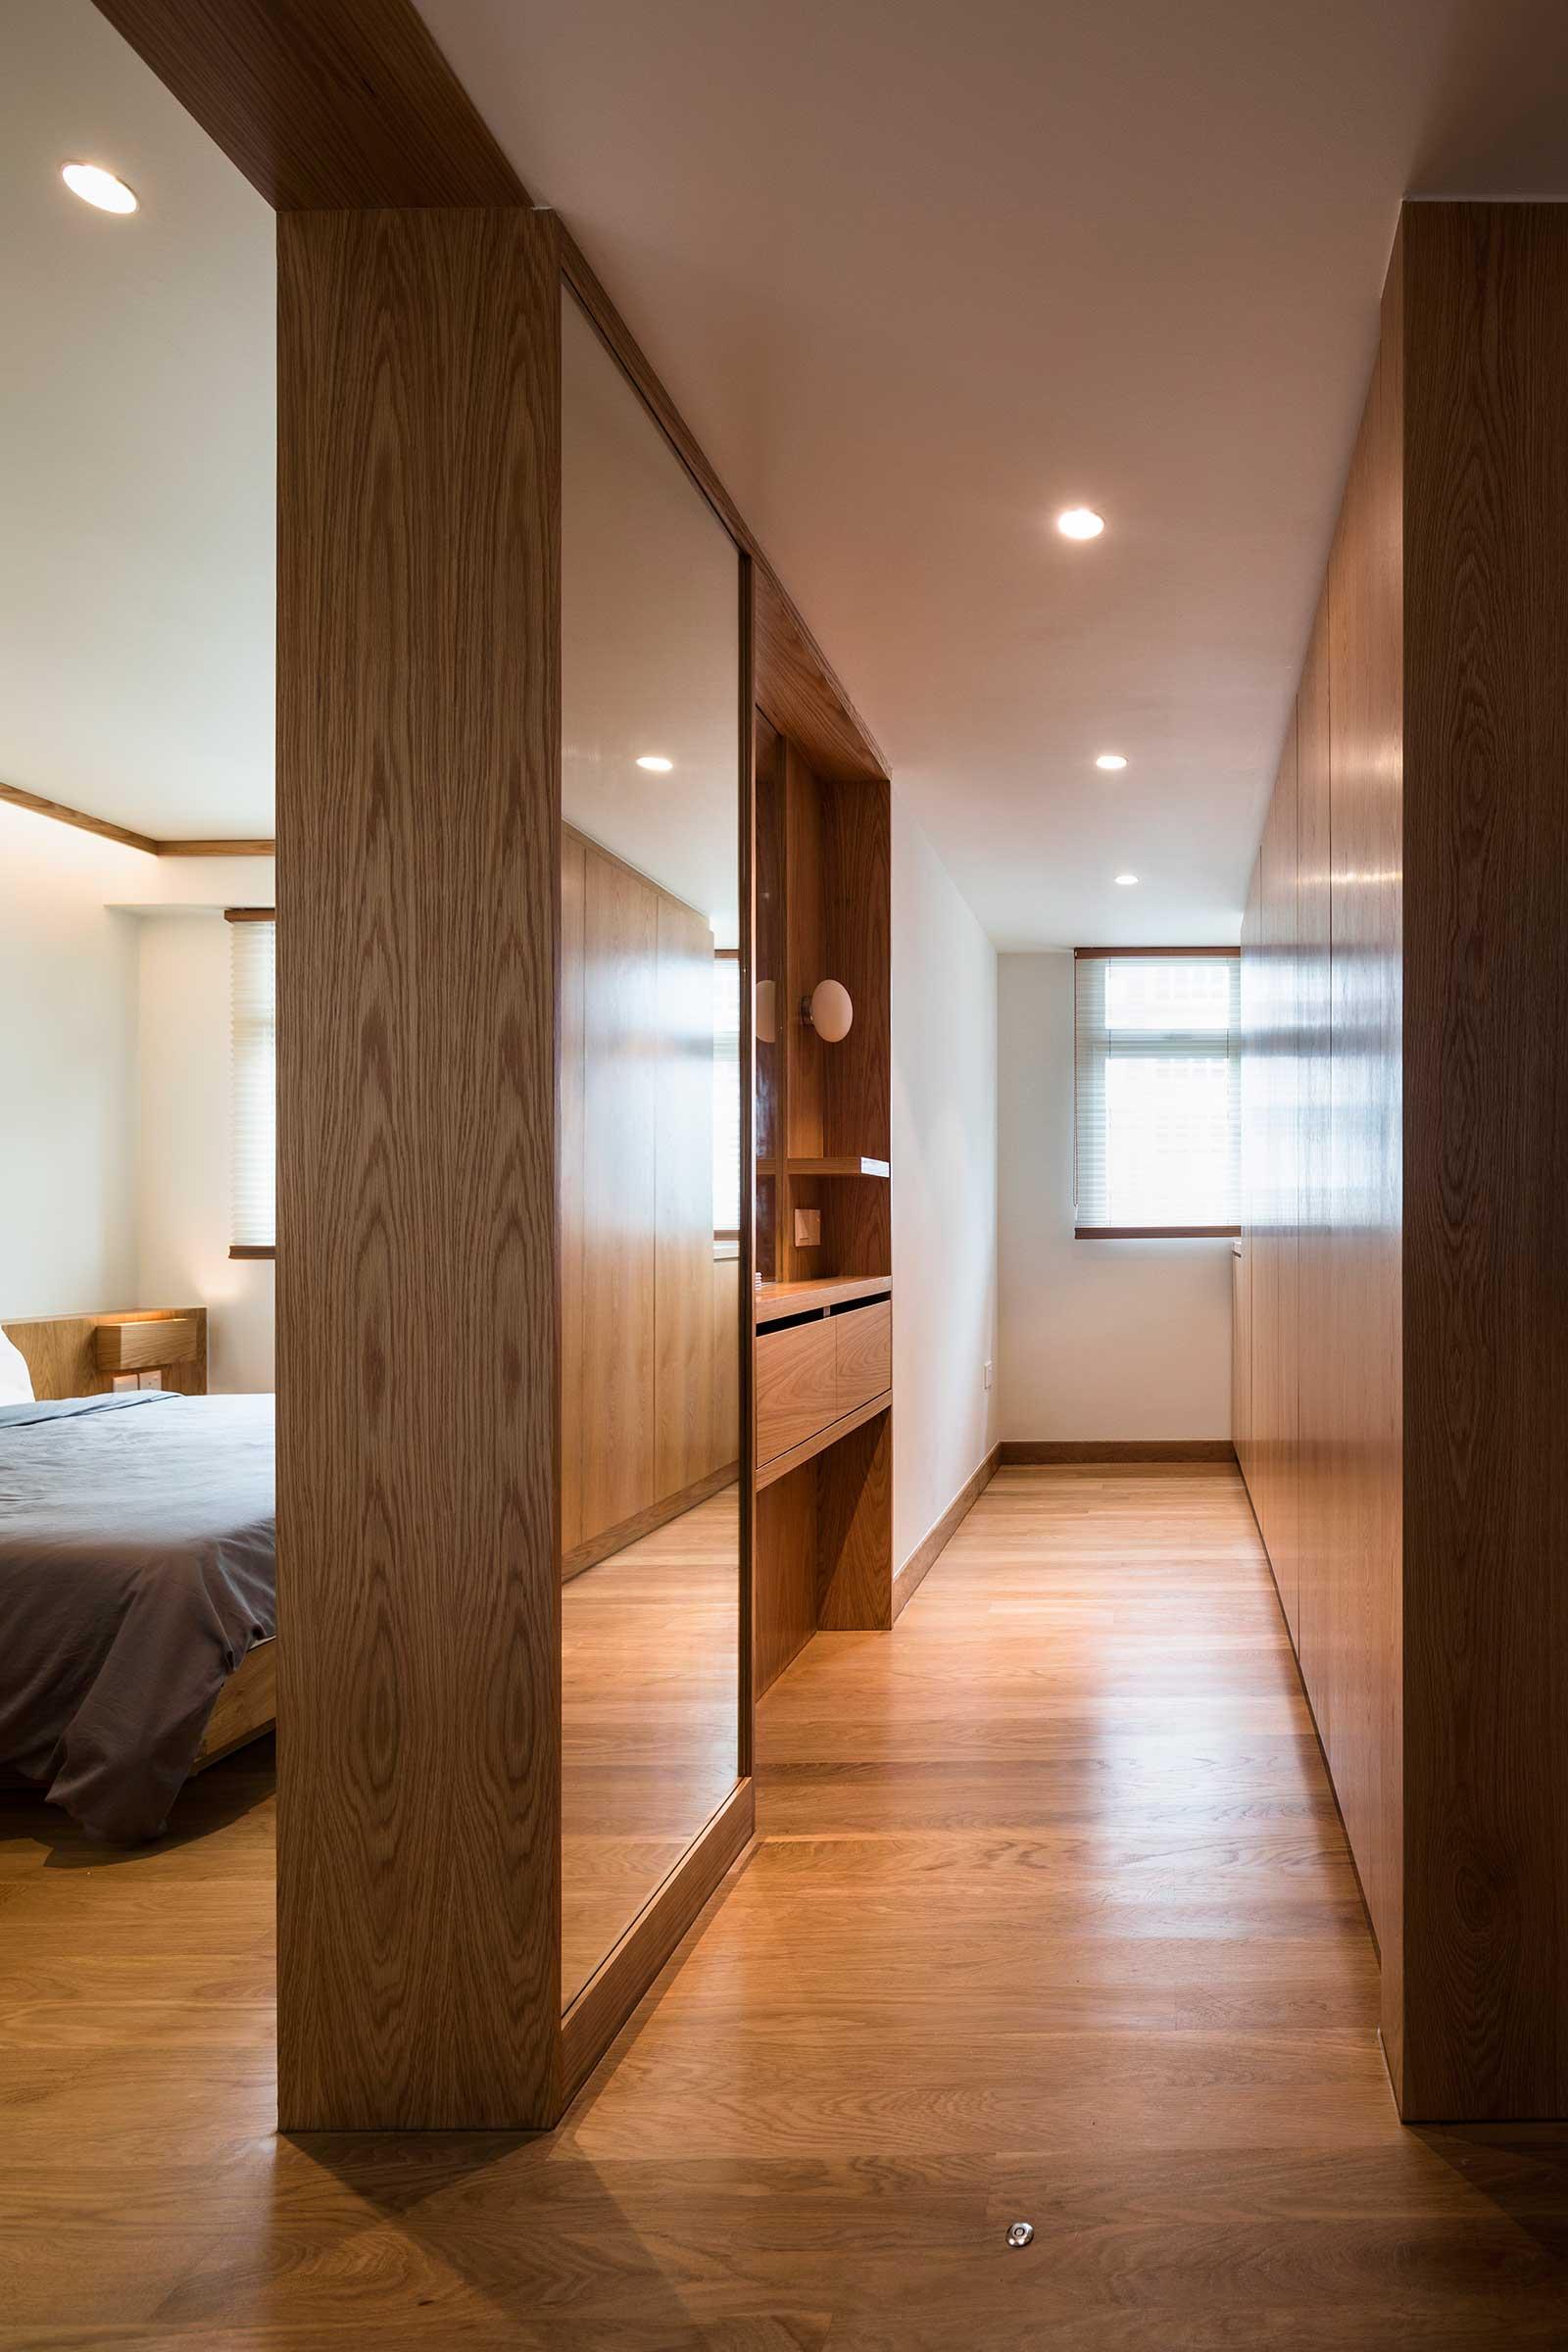 Bukit-Batok-West-Ave-6_Goy-Architects_28.jpg